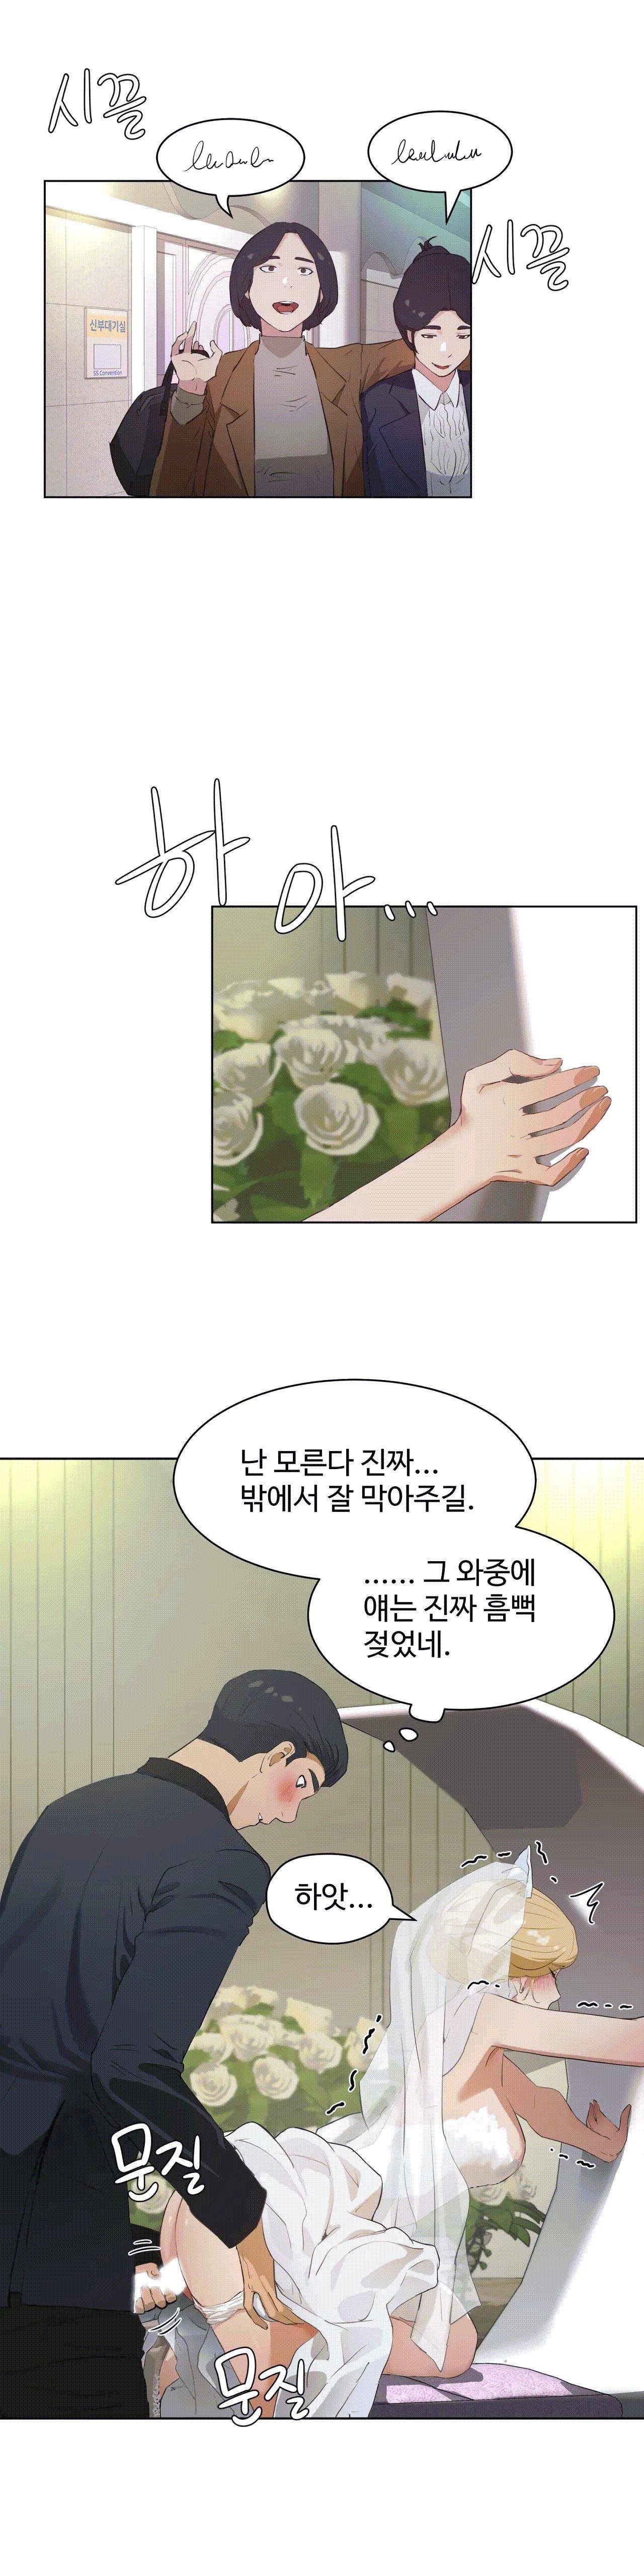 性教育 1-48.5 中文翻译(完結) 428